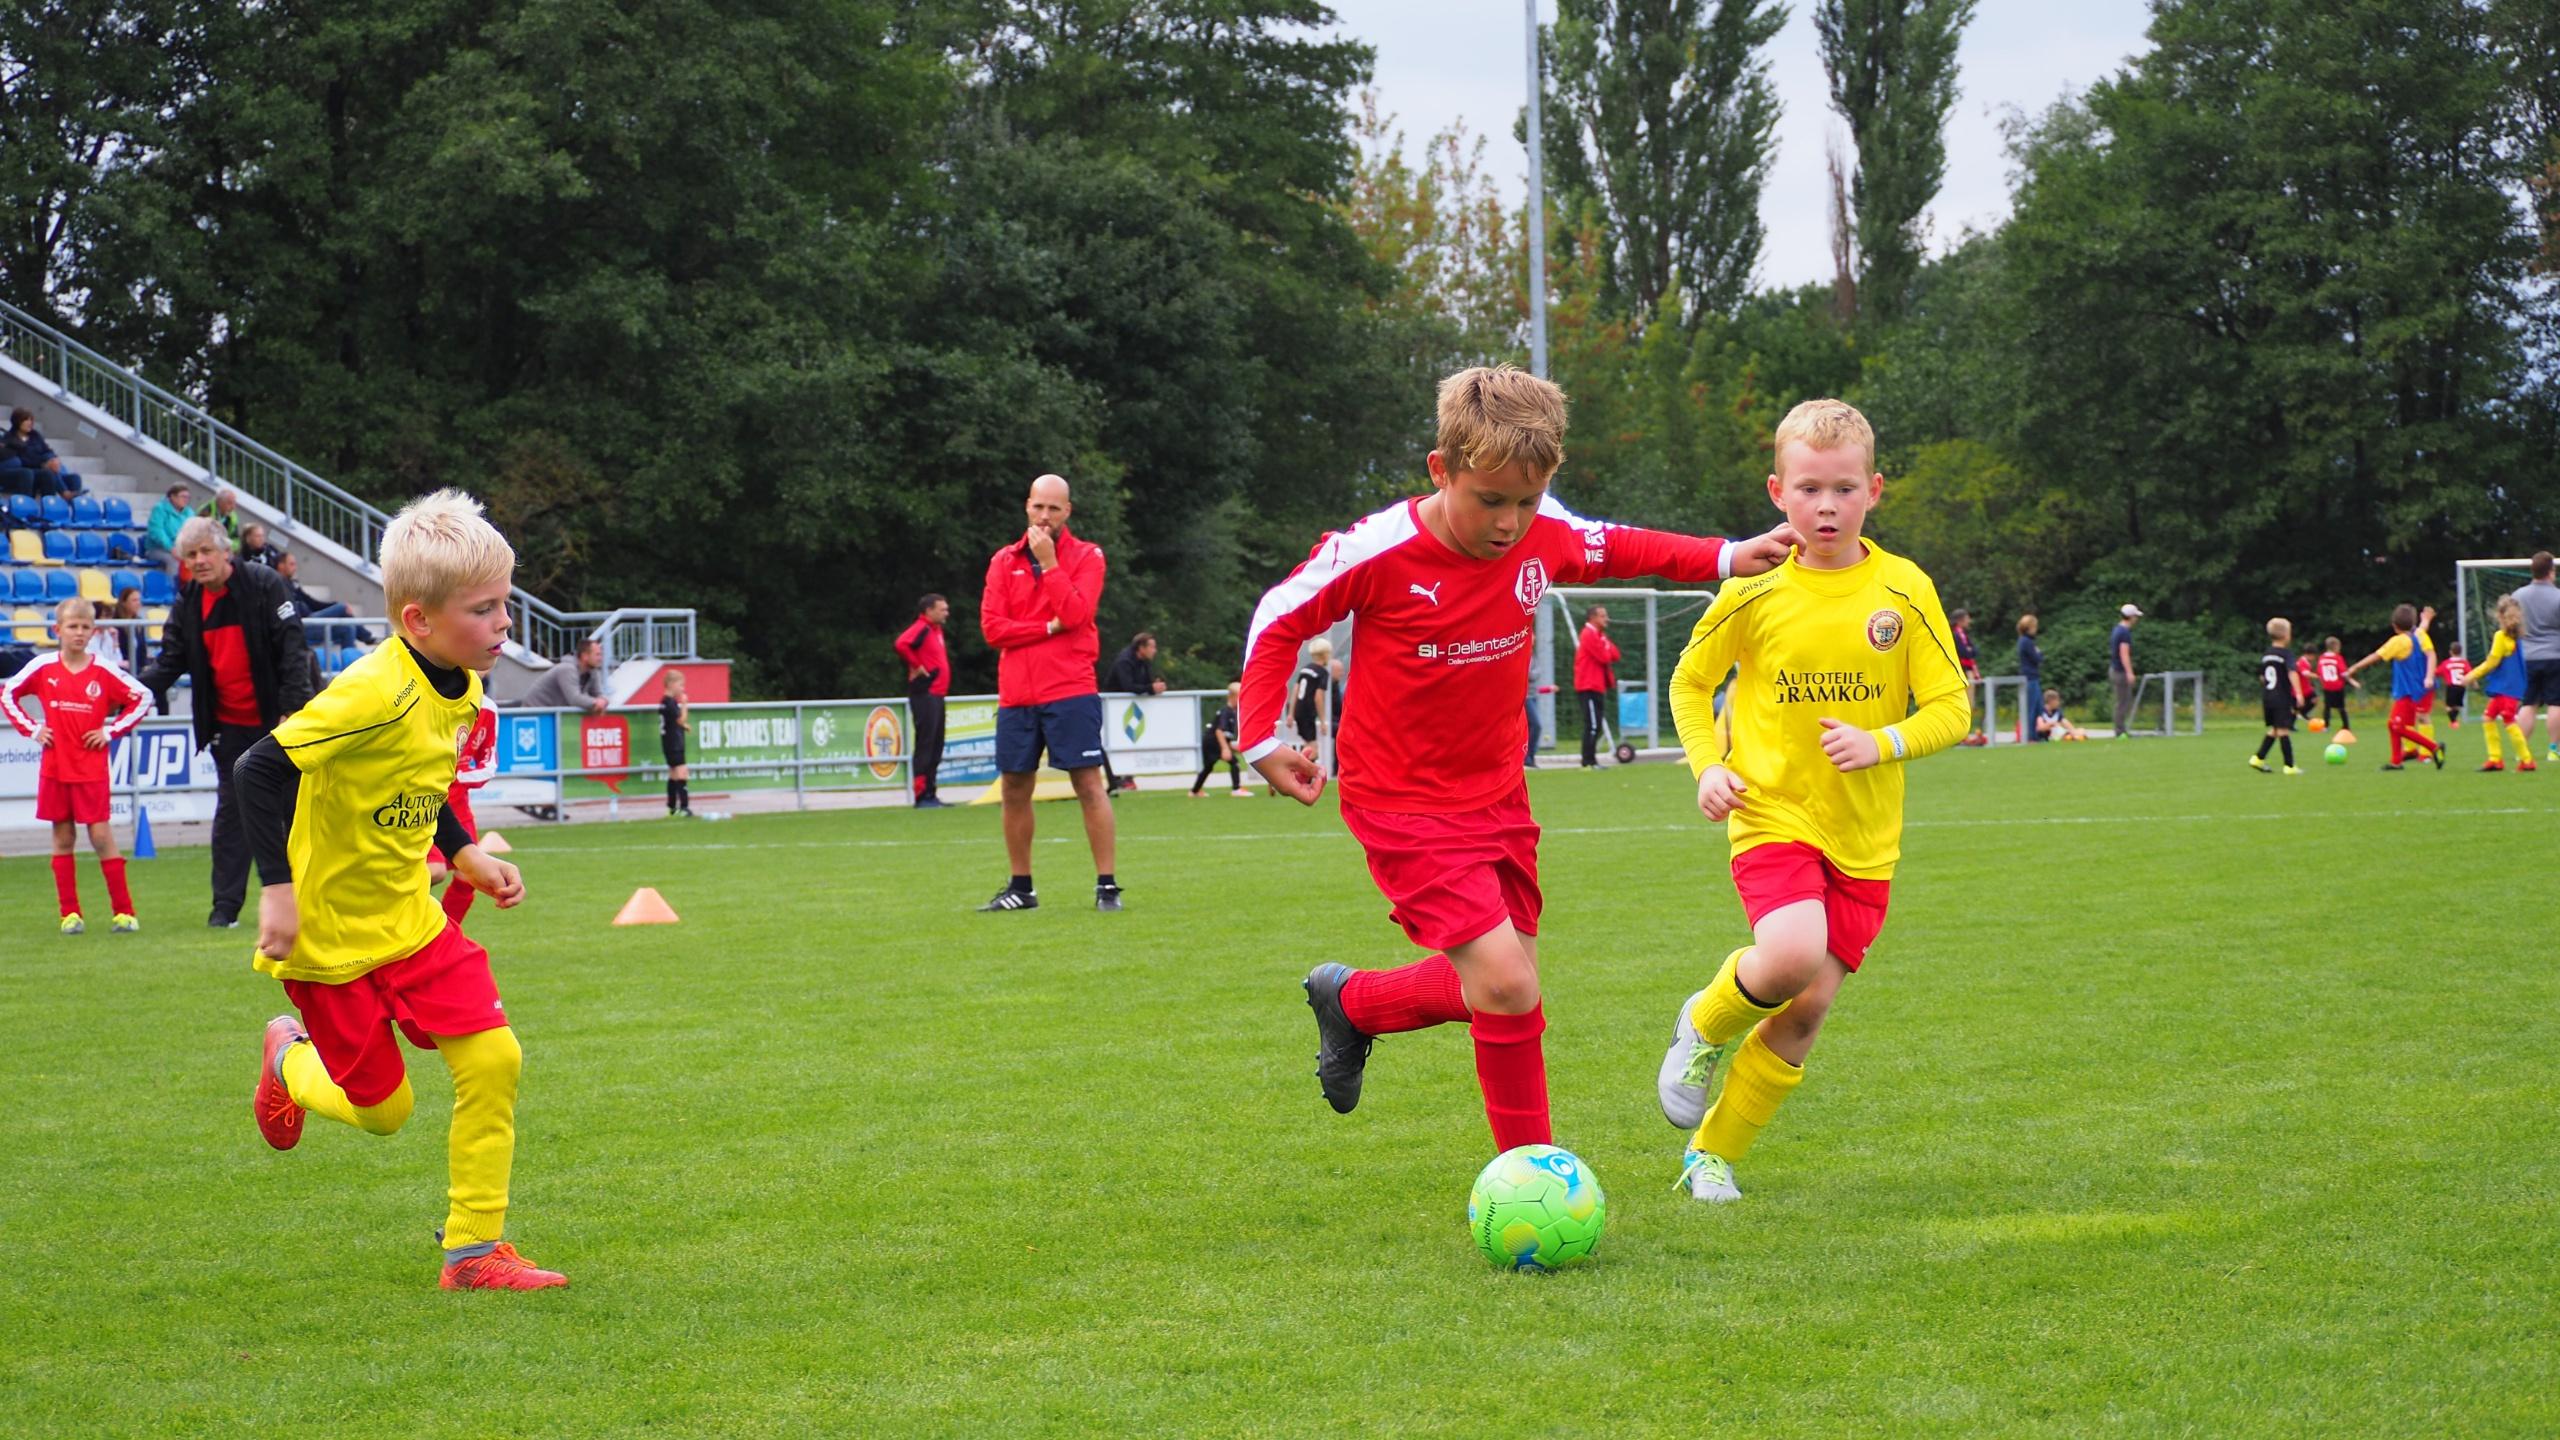 Sportpark Lankow